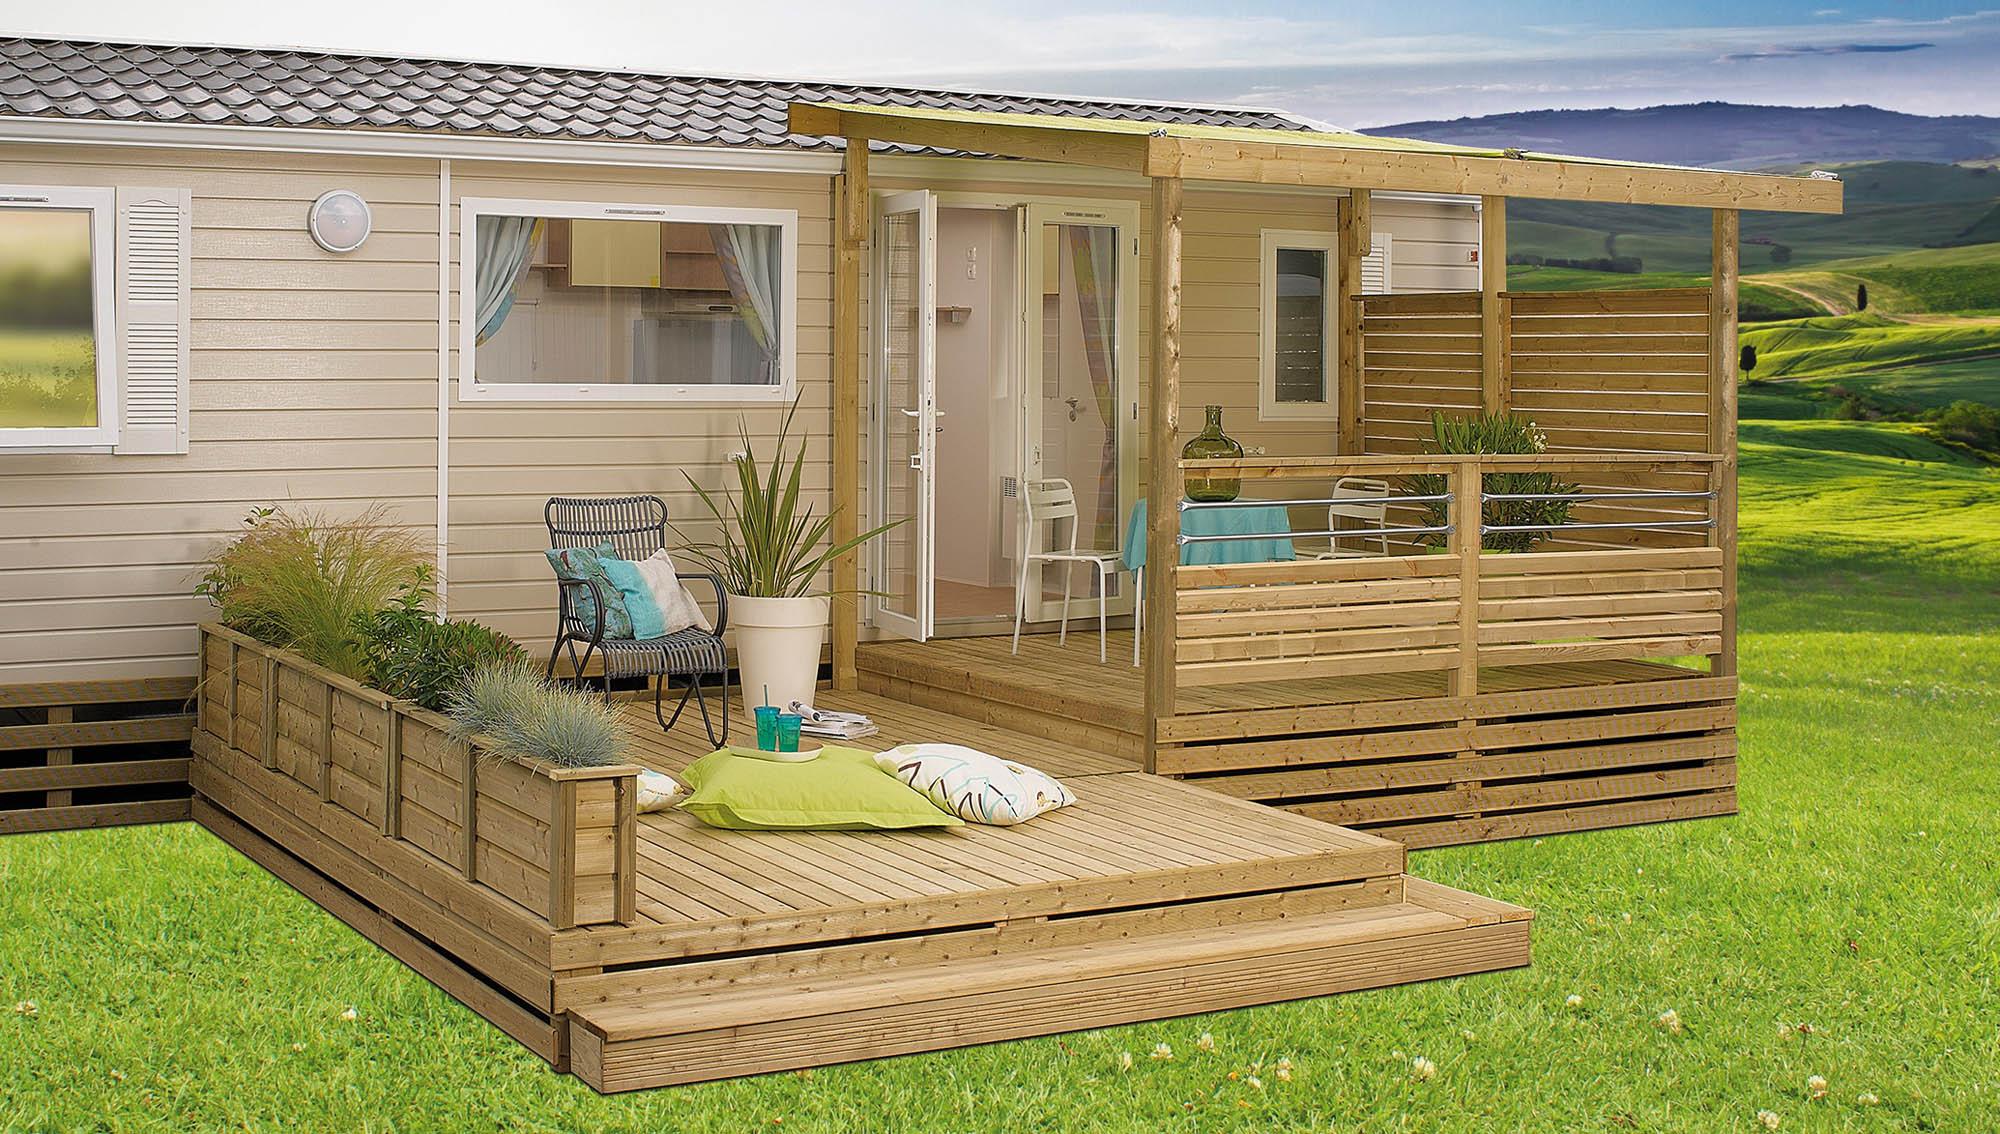 terrasse en bois pour mobil home id e int ressante pour la conception de meubles en bois qui. Black Bedroom Furniture Sets. Home Design Ideas